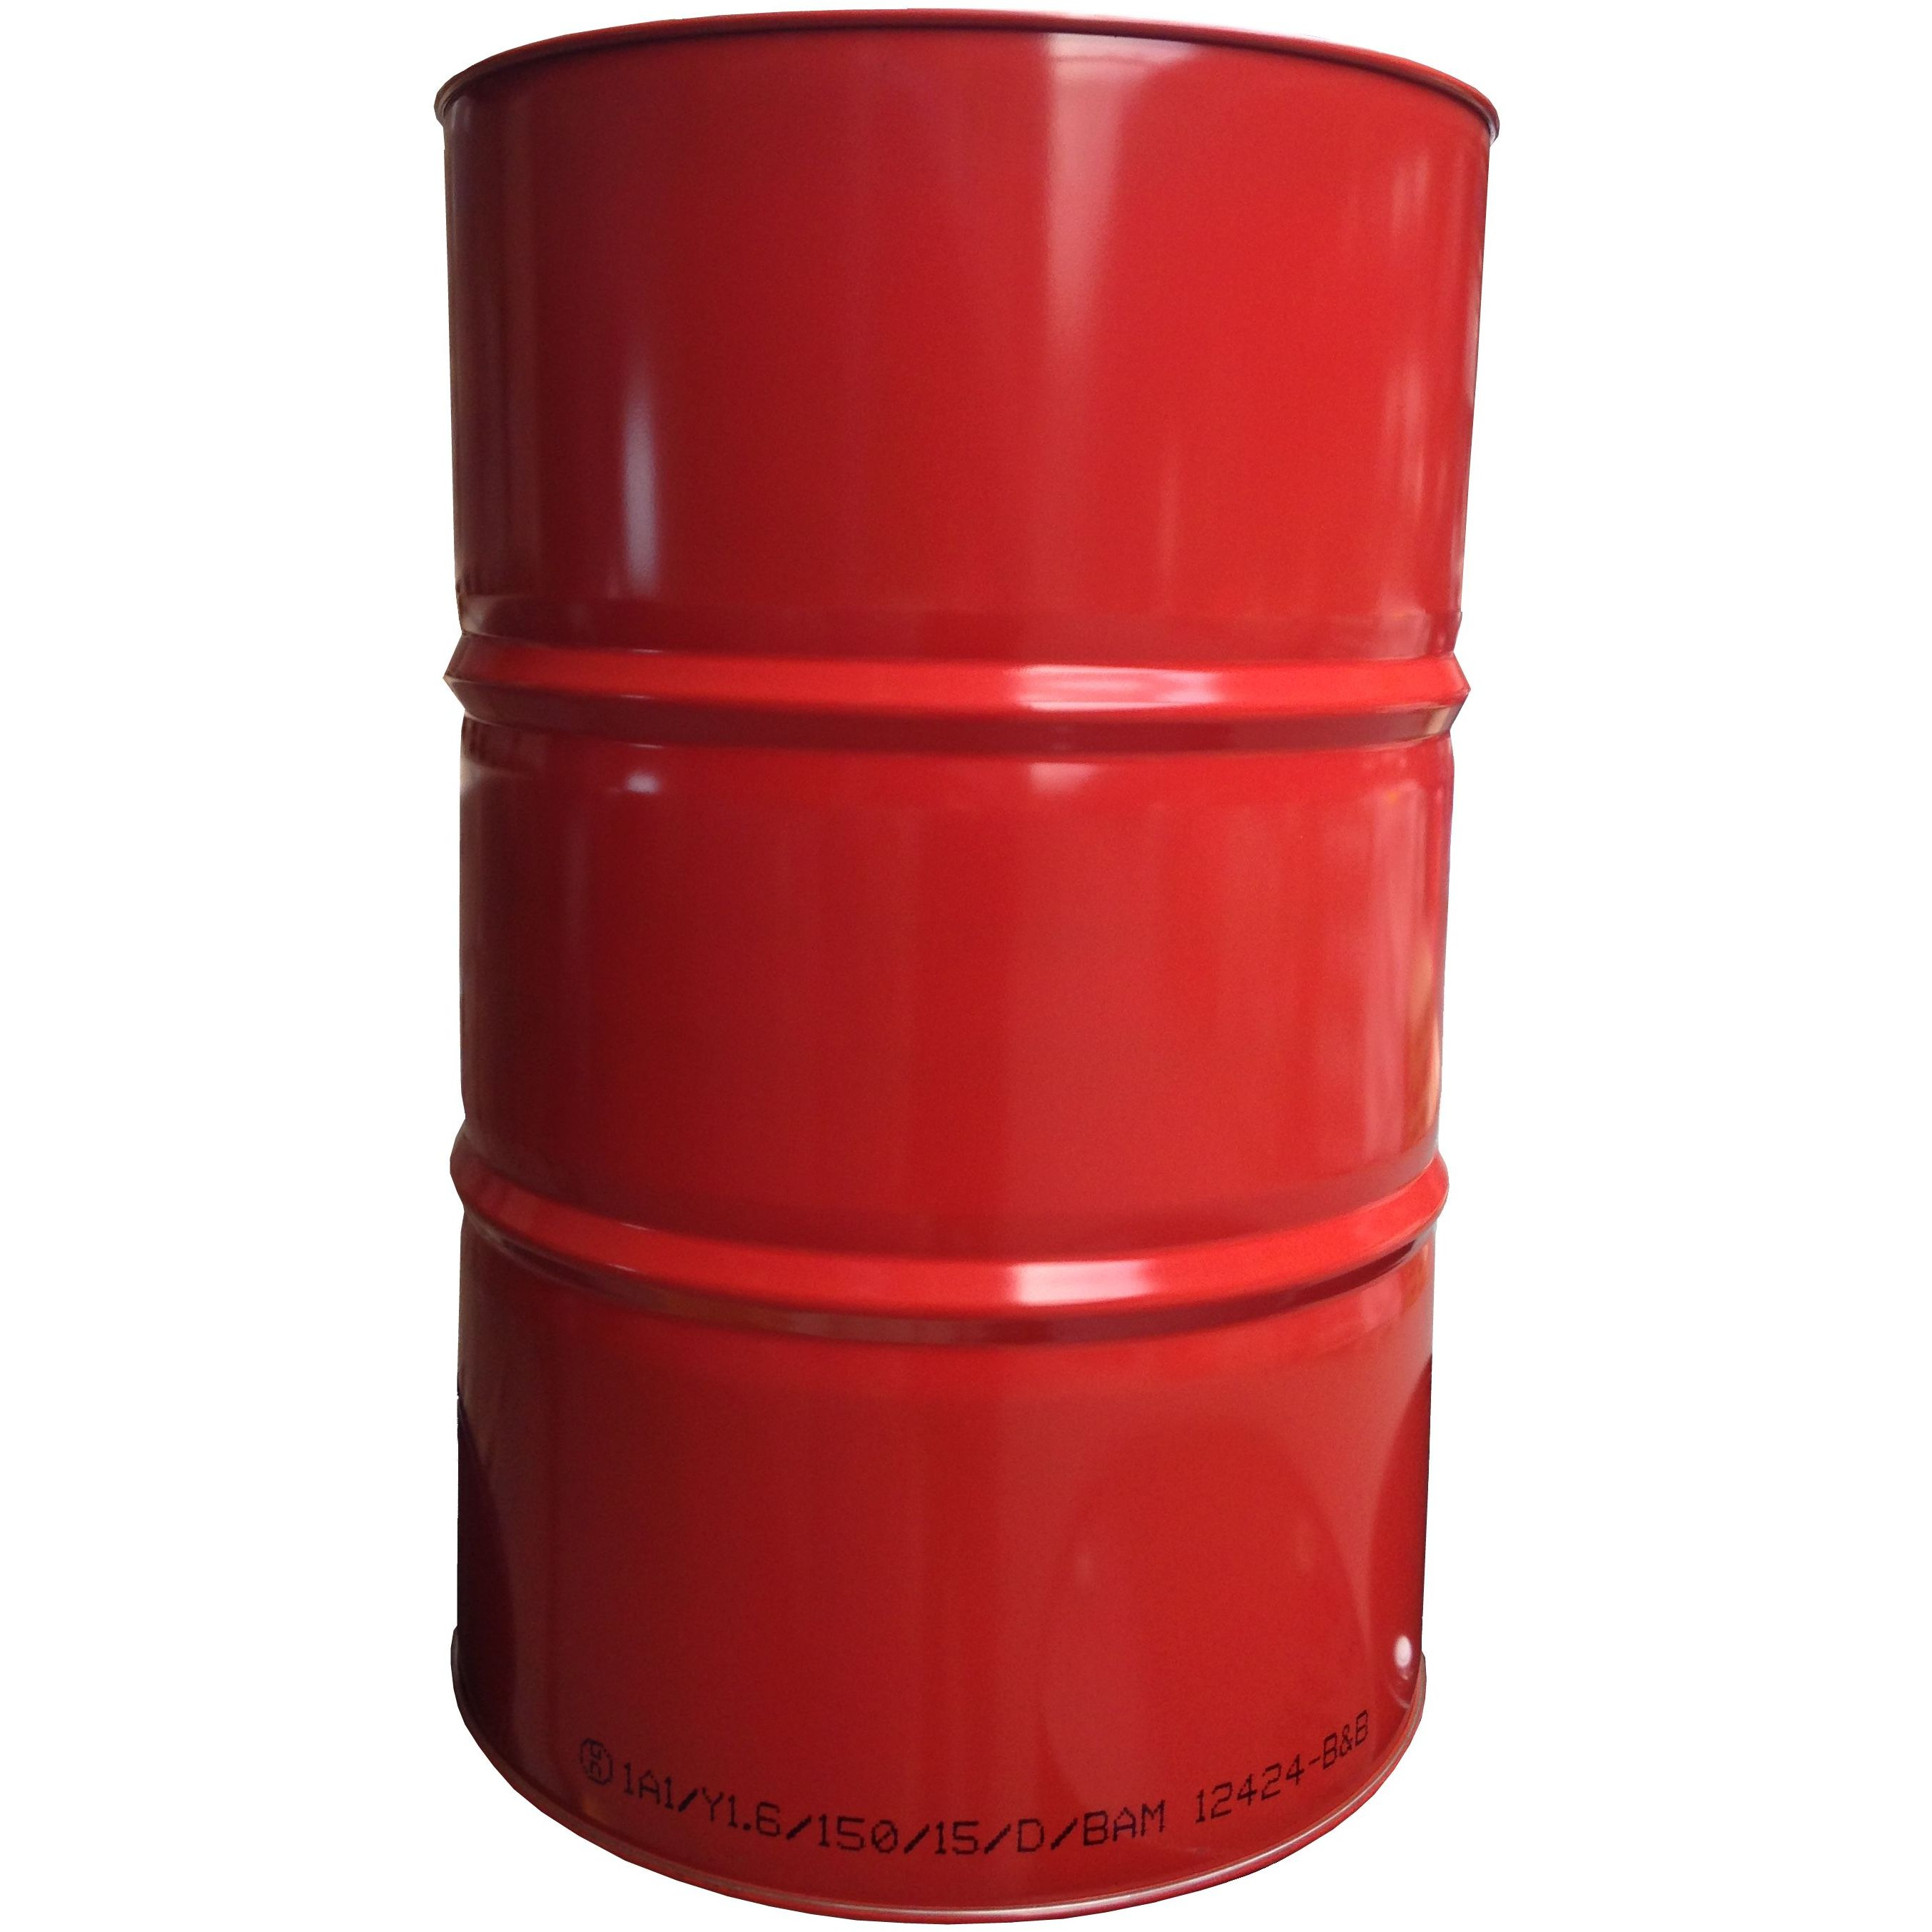 60 Liter Blechfass Stahlfass Faß Garagenfaß Ölfass Metallfass Tonne *NEU* Rot